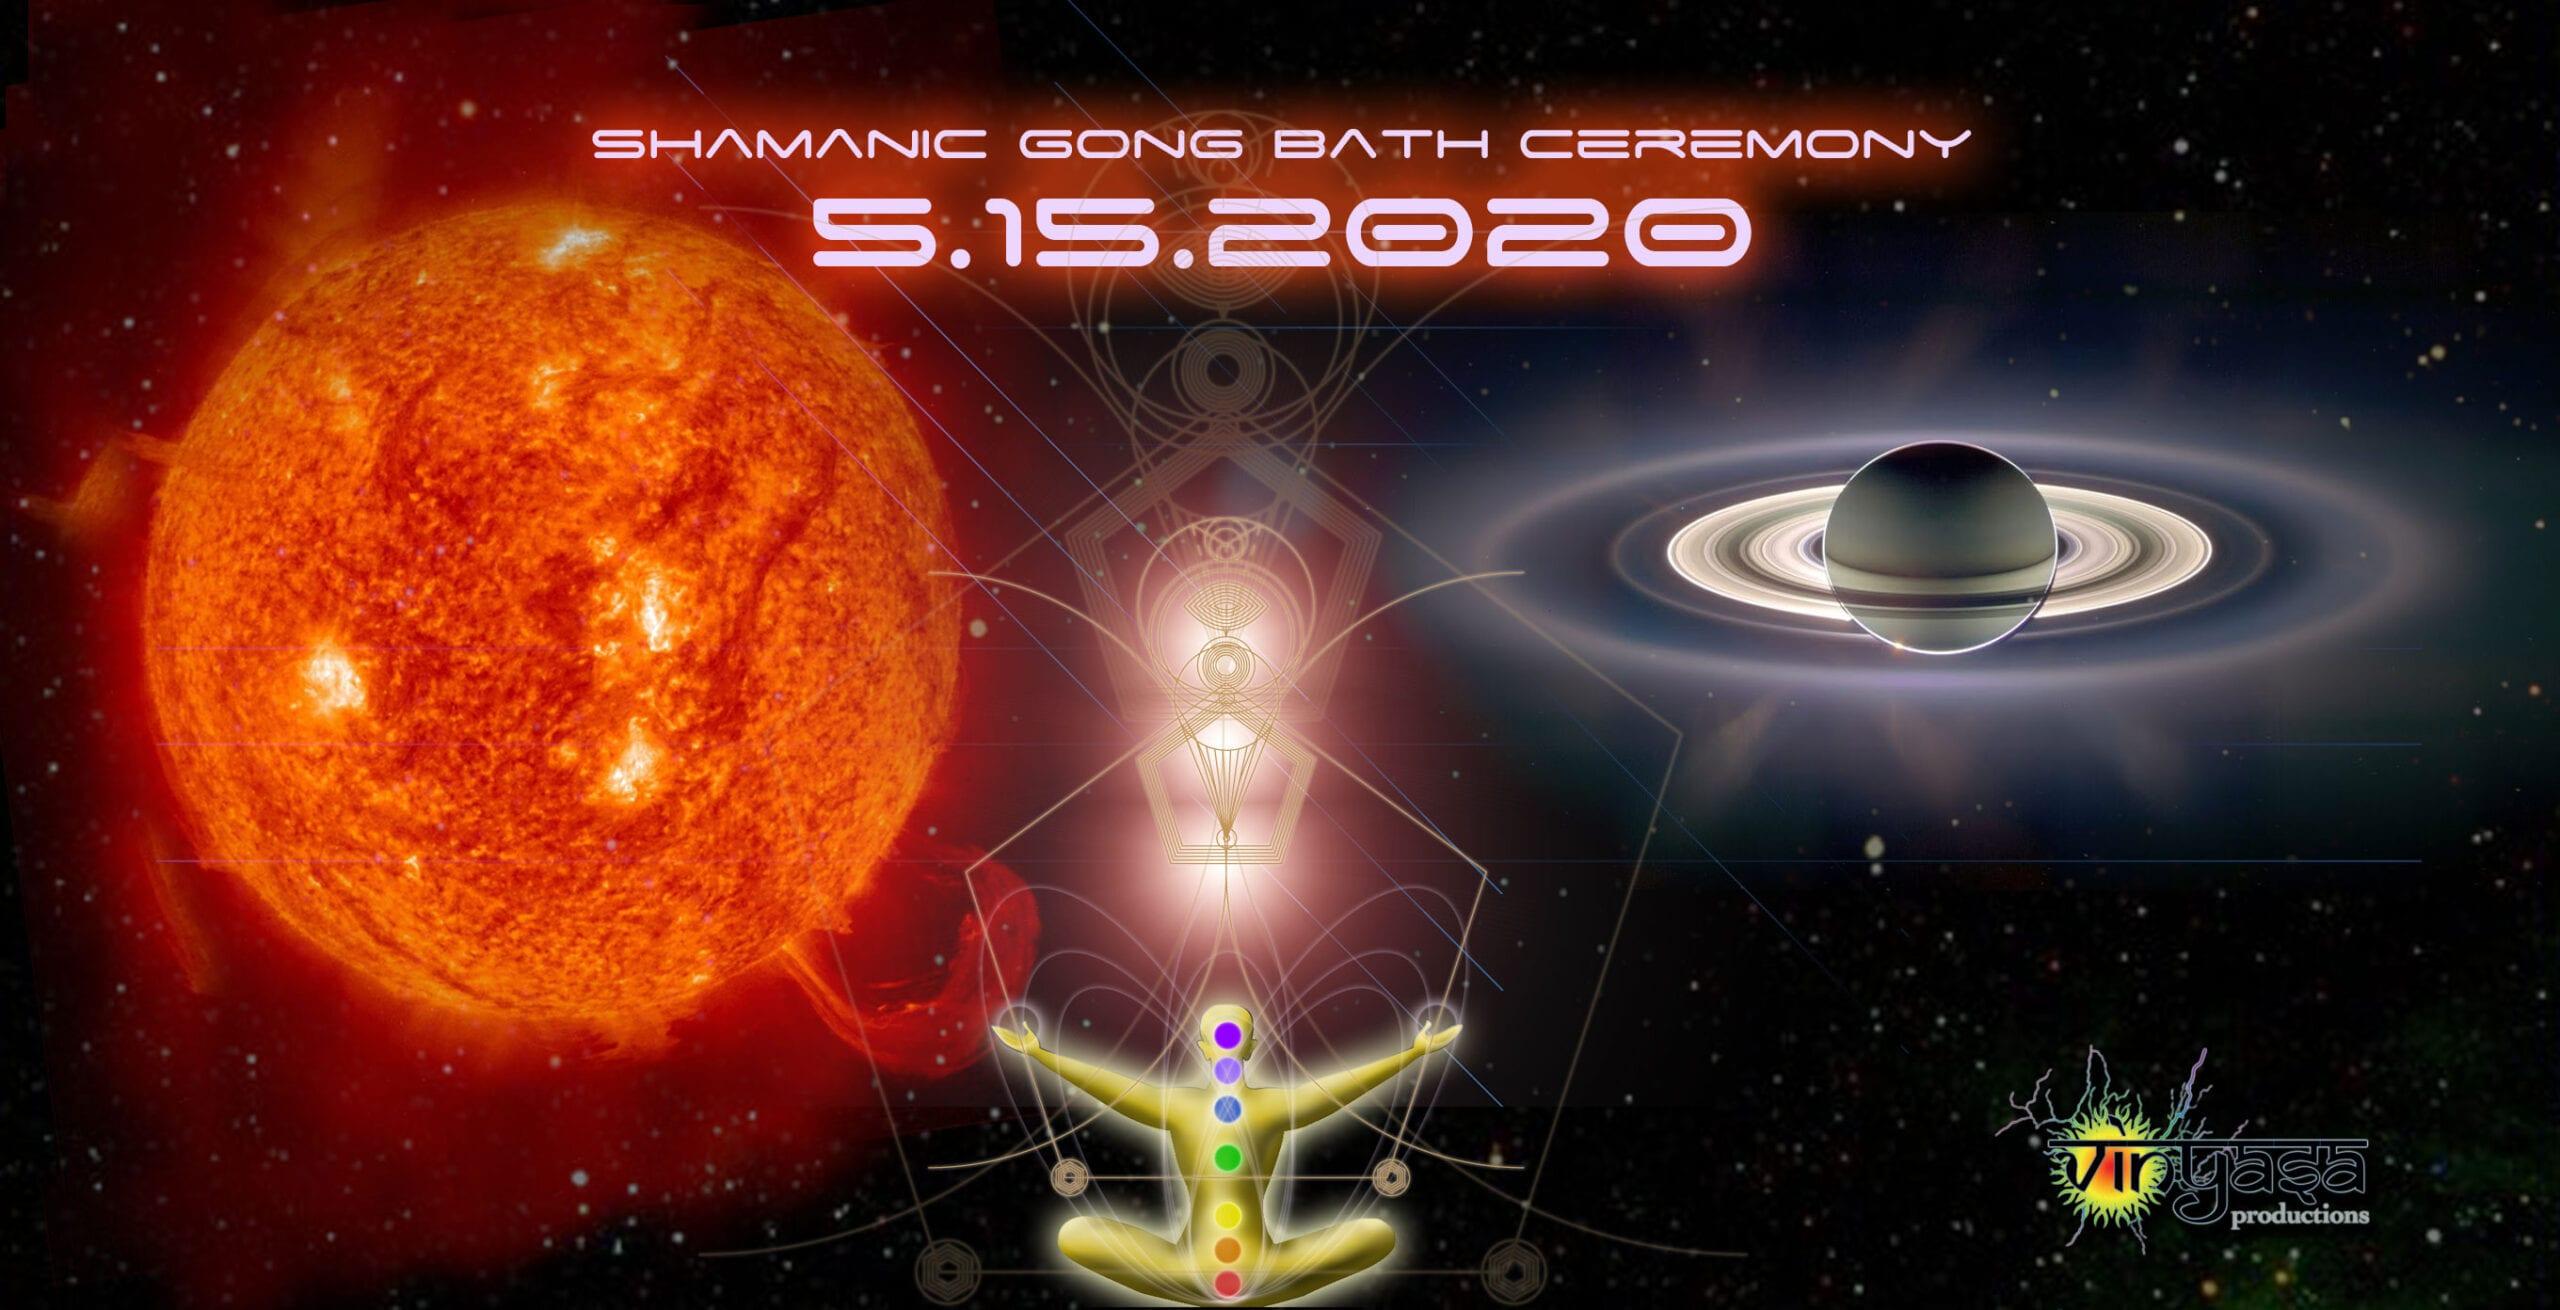 May 15, 2020 Gong Bath